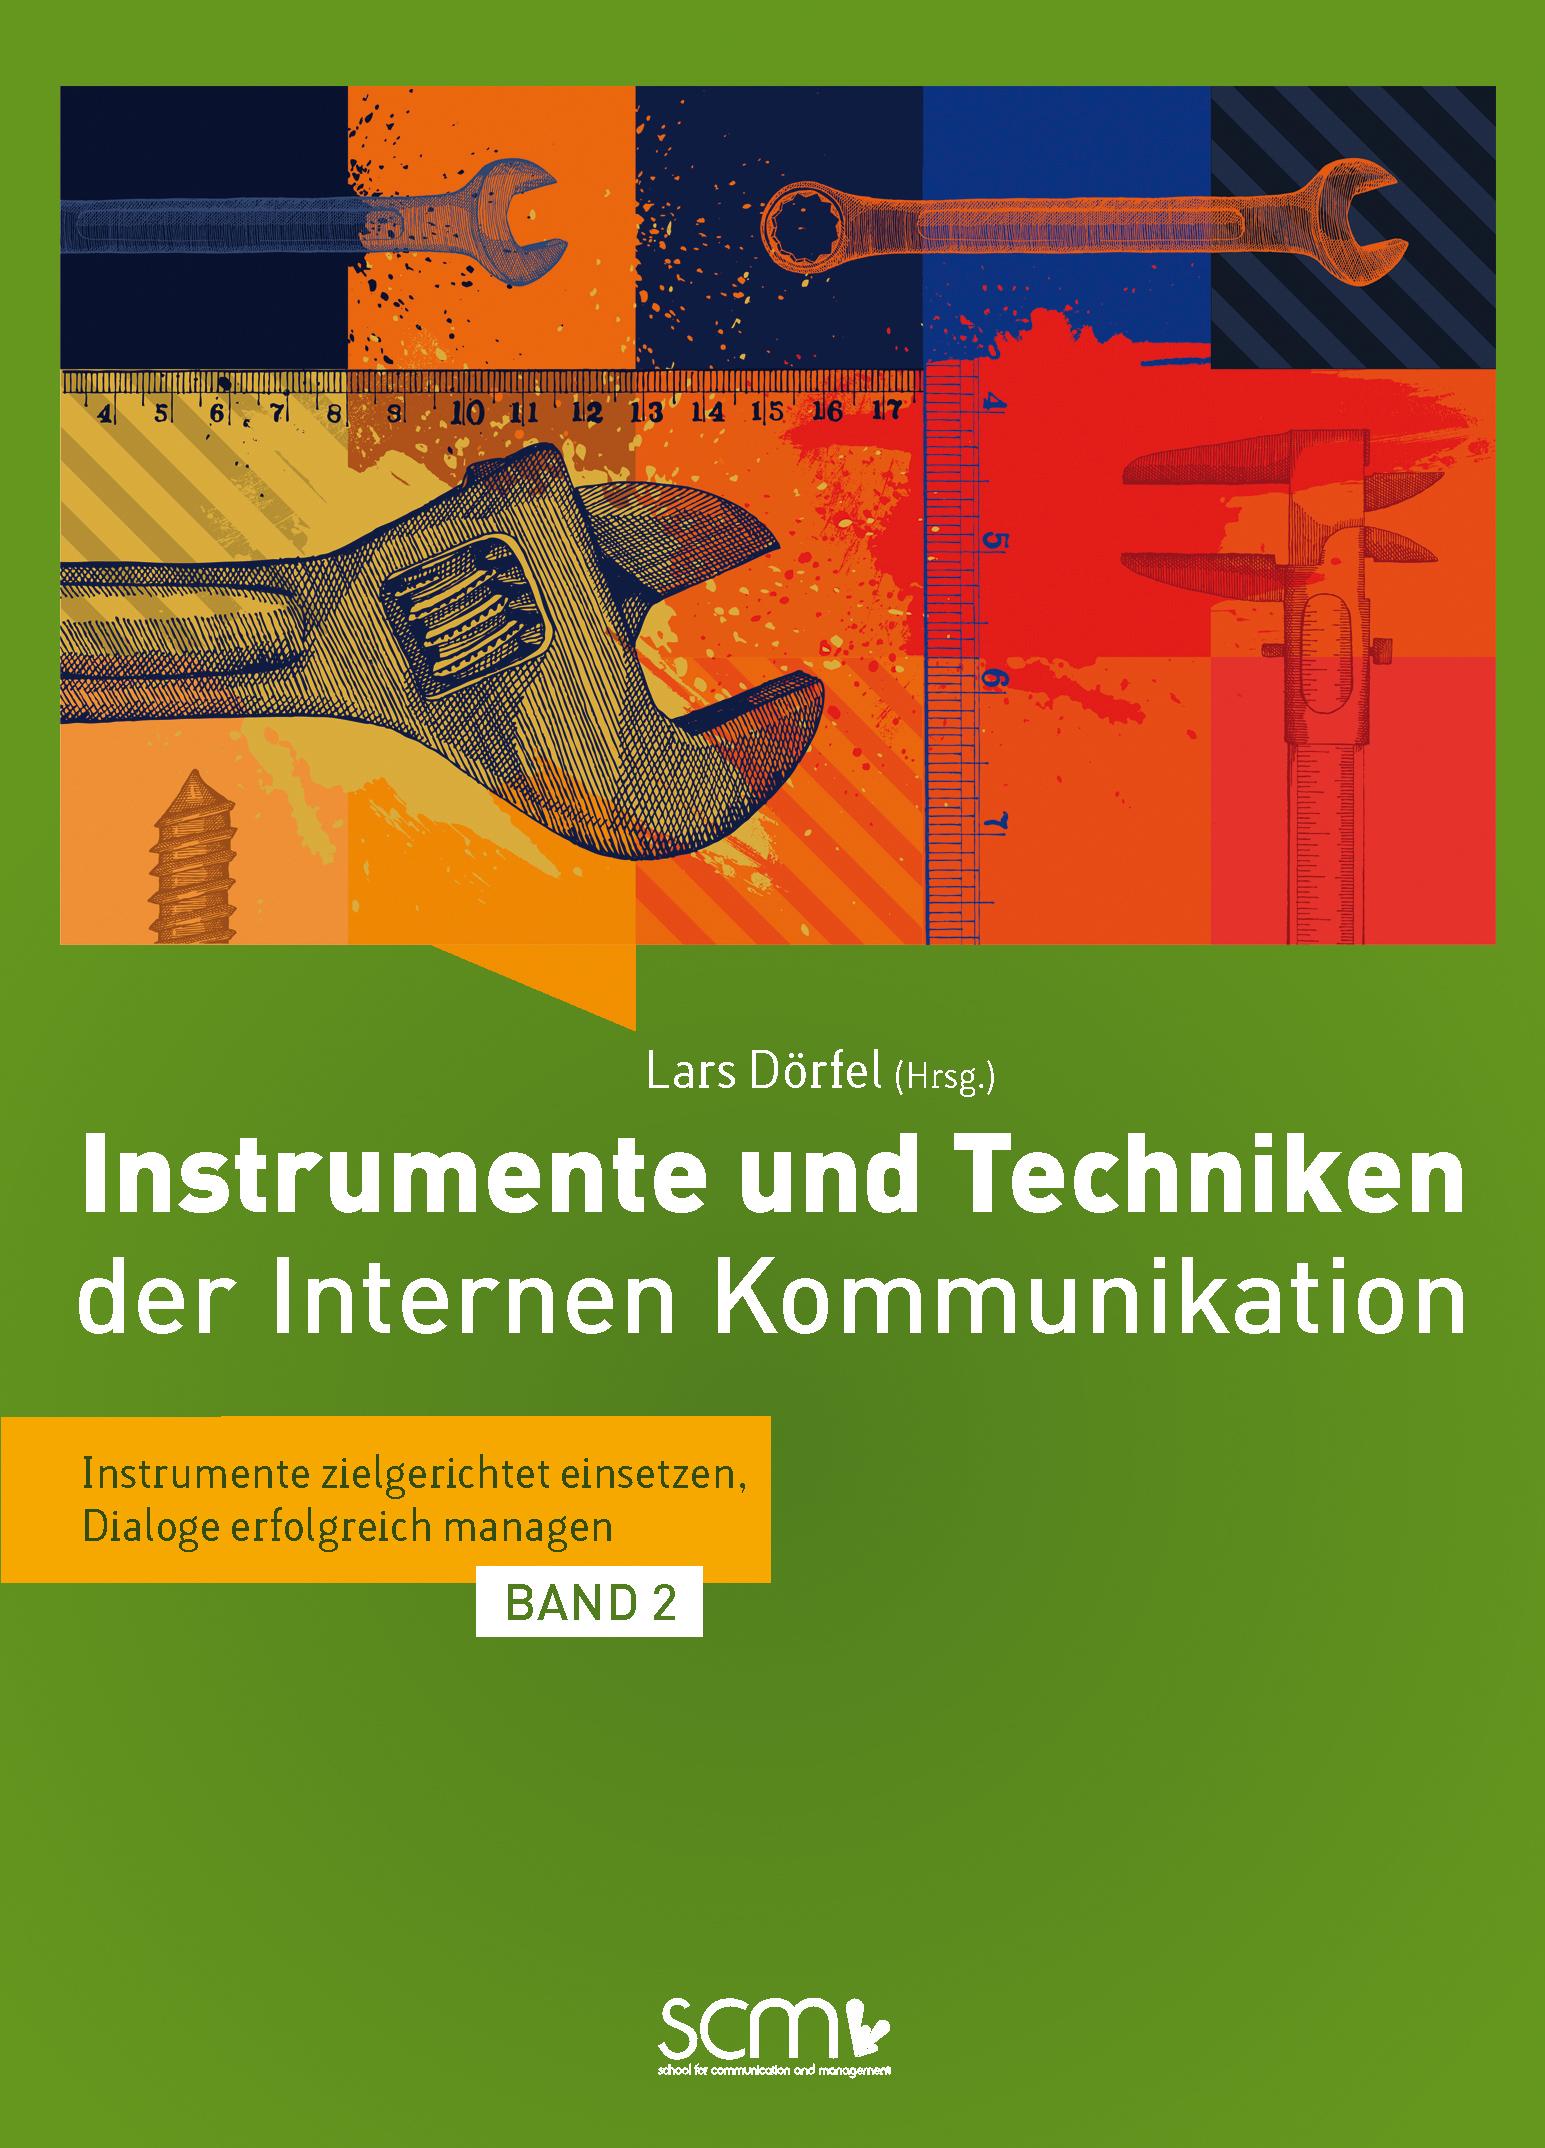 Instrumente und Techniken der internen Kommunikation. Bd.2 Lars Dörfel